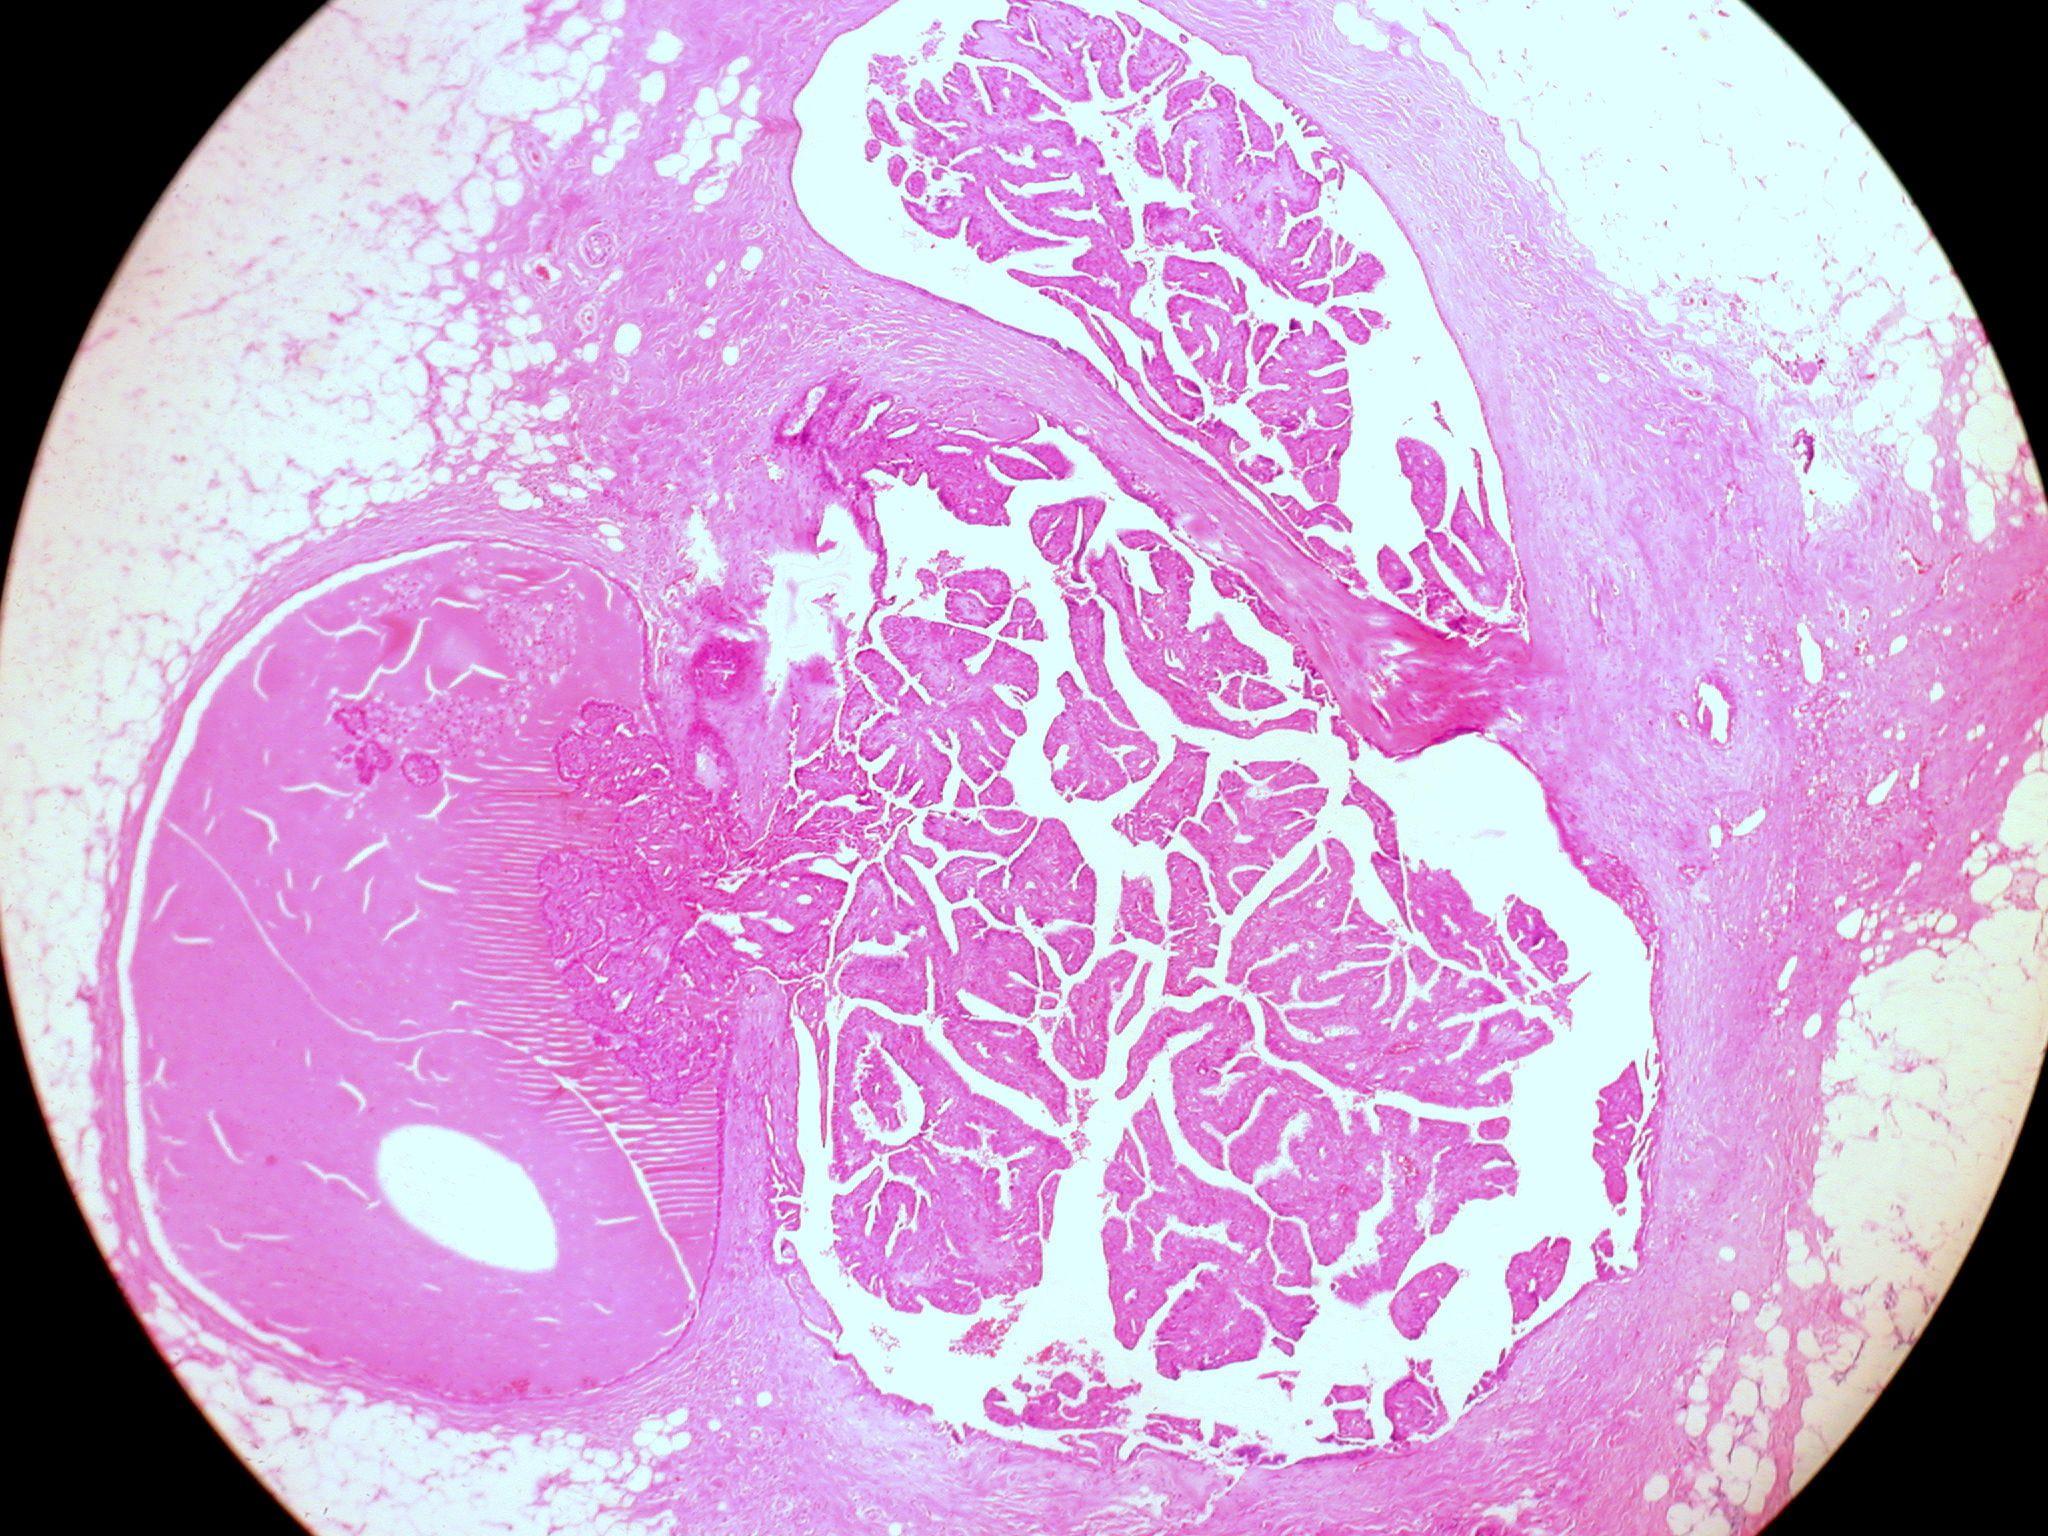 Az emlőelváltozások vékonytű biopsziája - carbocomp.hu